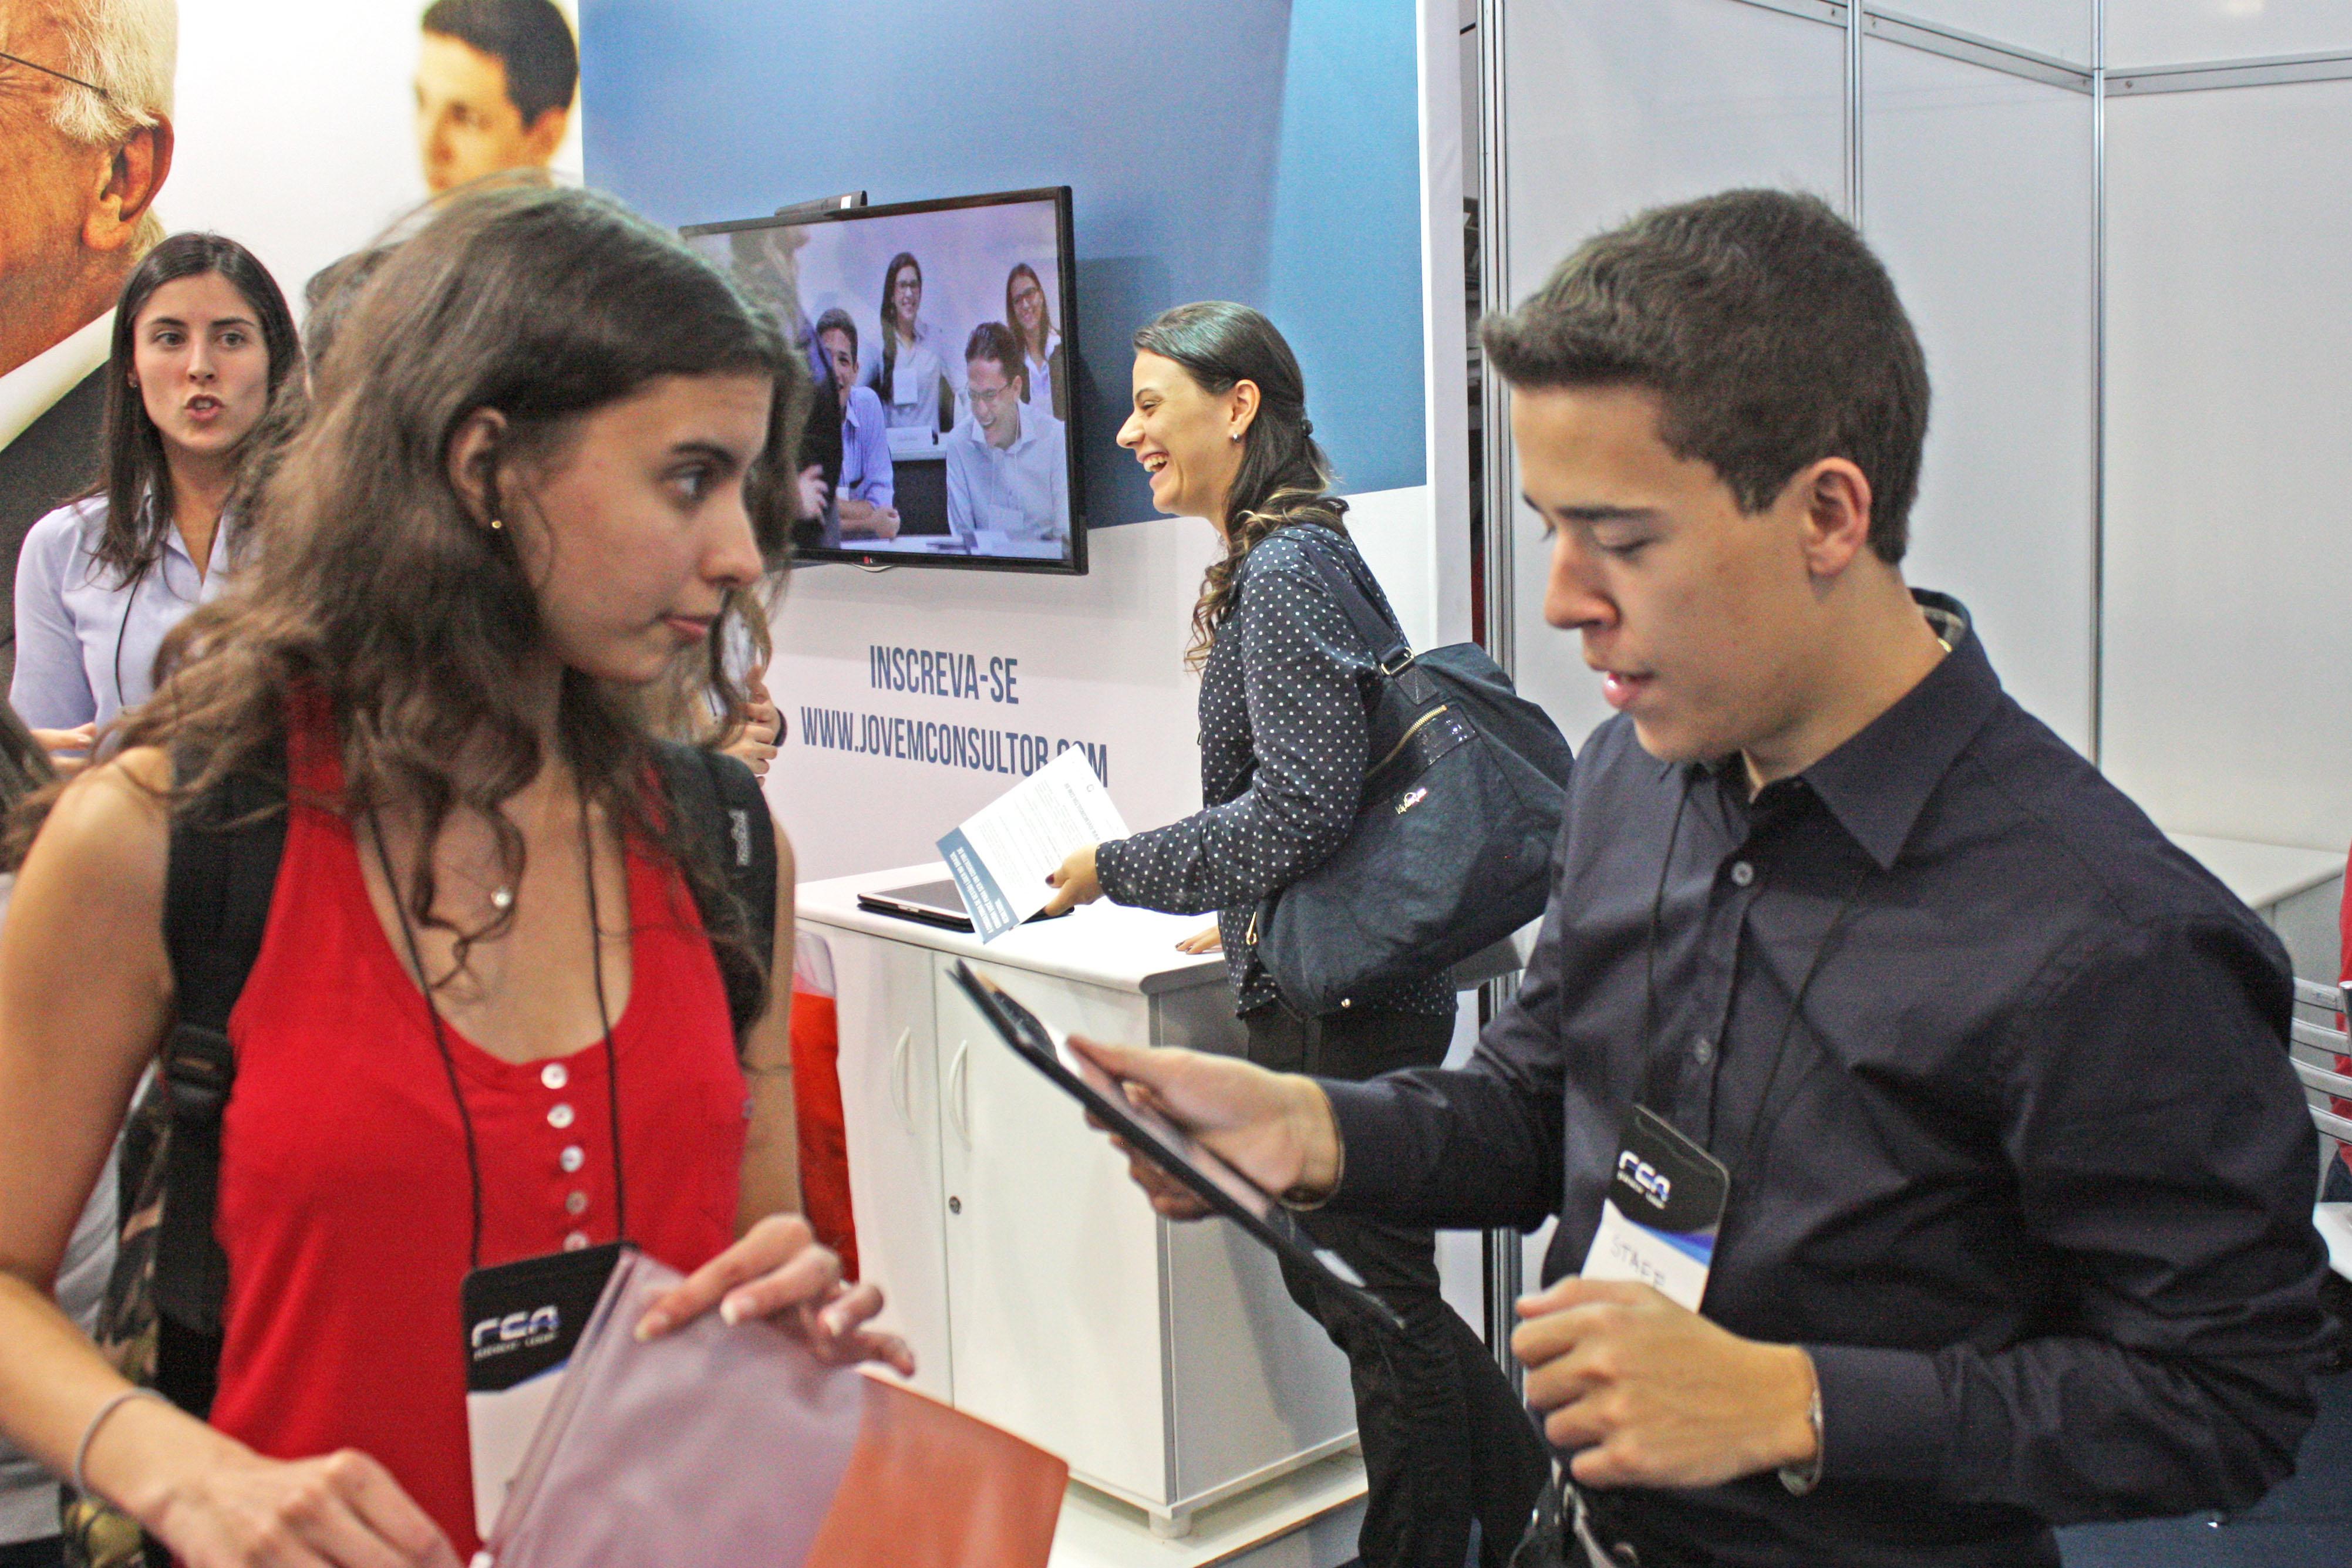 aluna no stand recebendo orientação